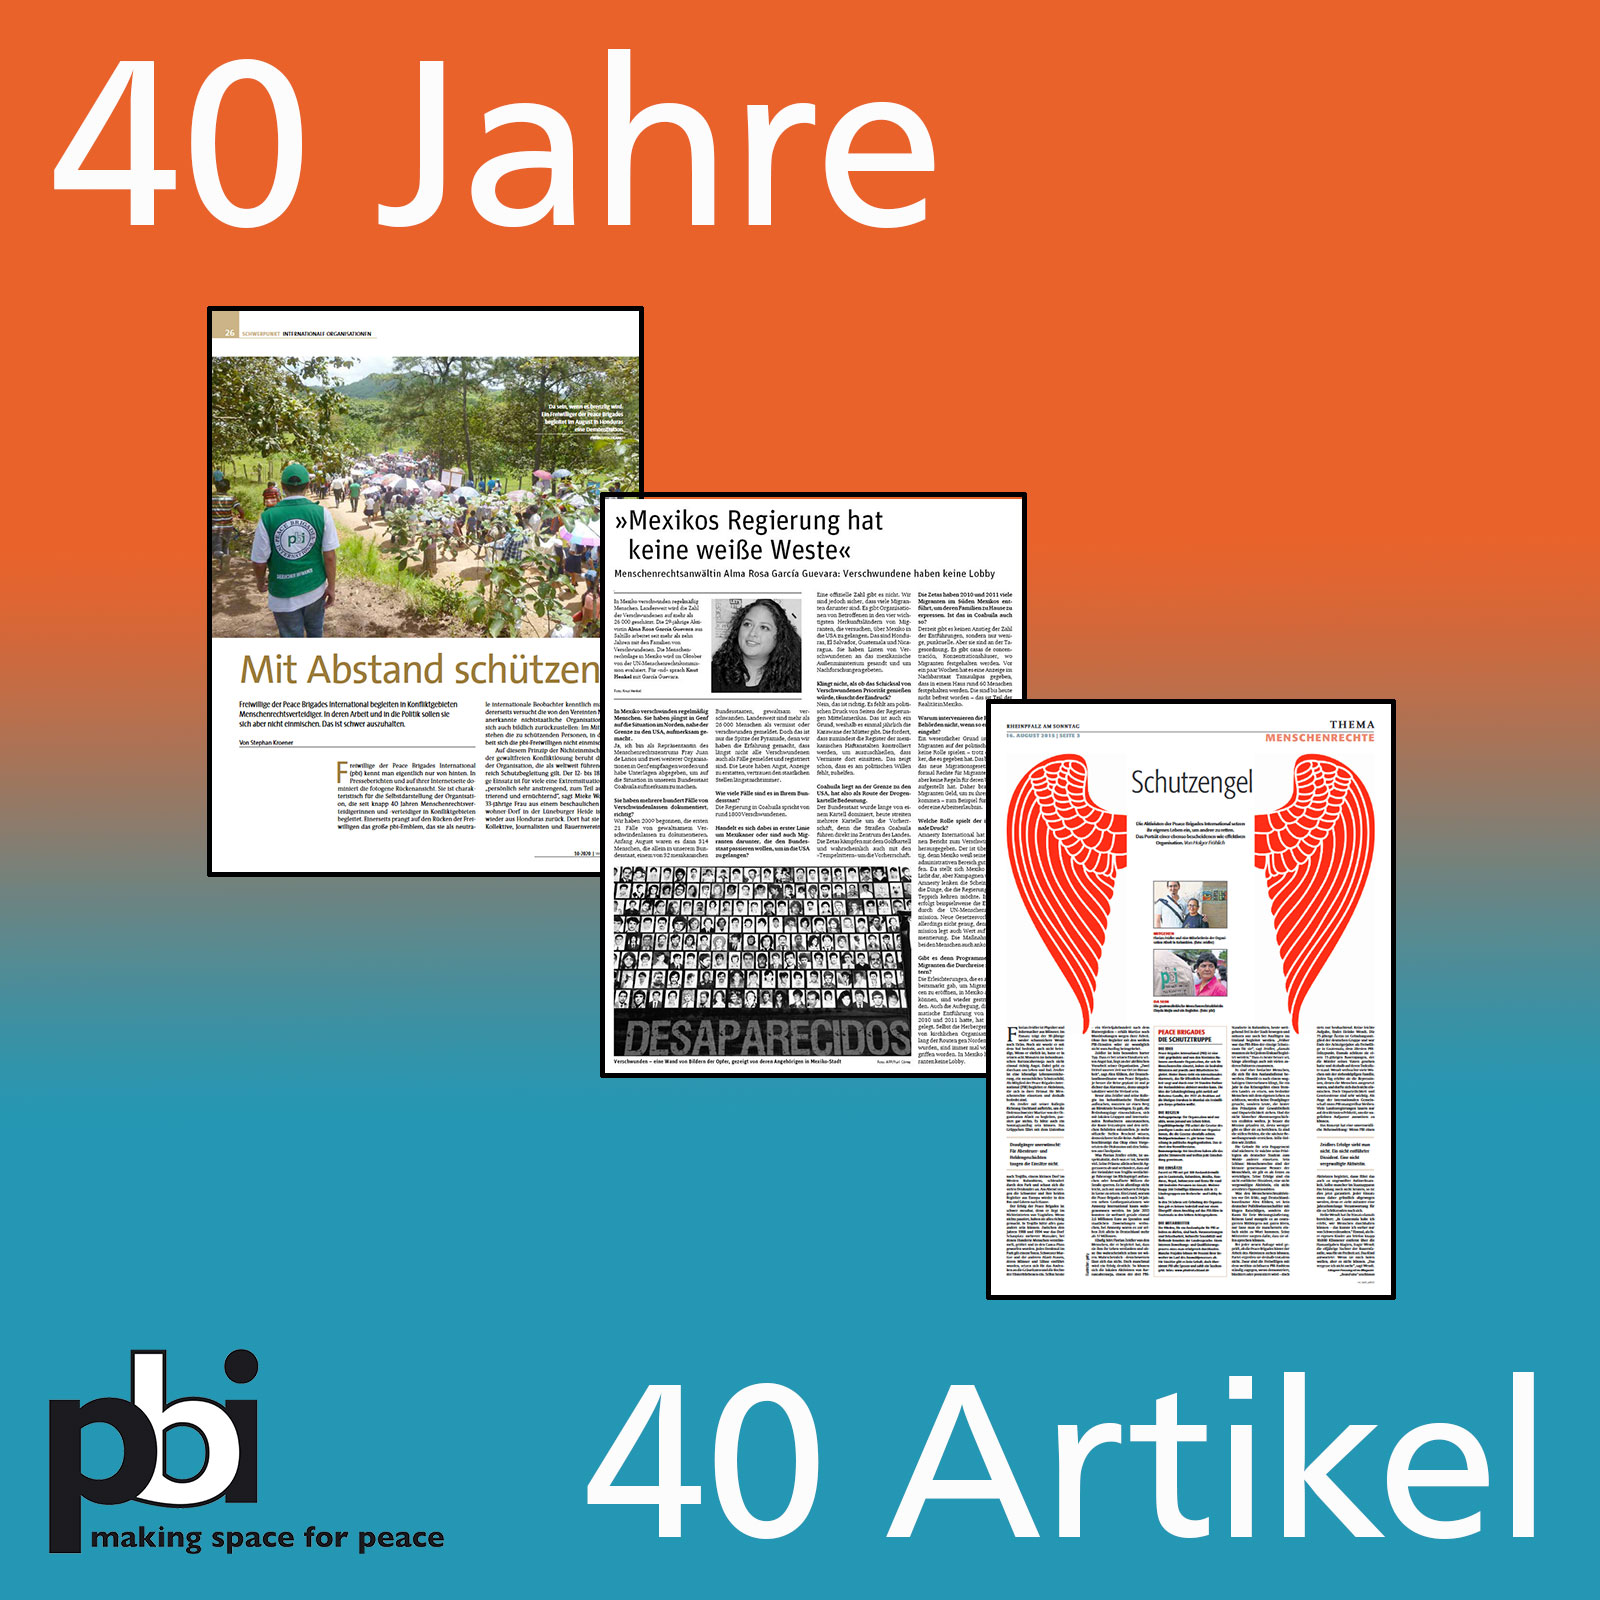 40 Jahre, 40 Artikel